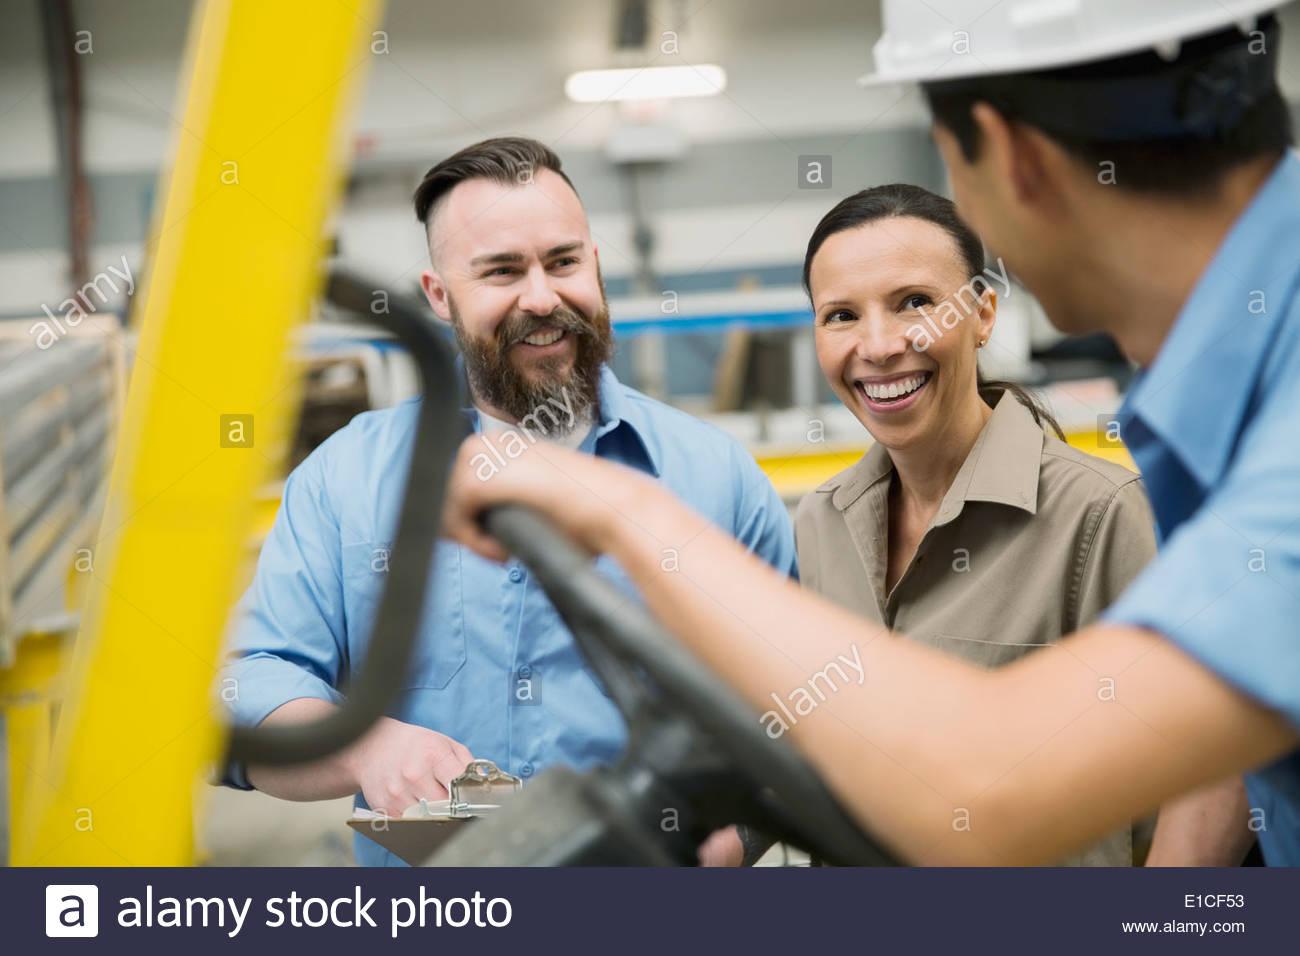 Los trabajadores hablando a la carretilla elevadora Imagen De Stock